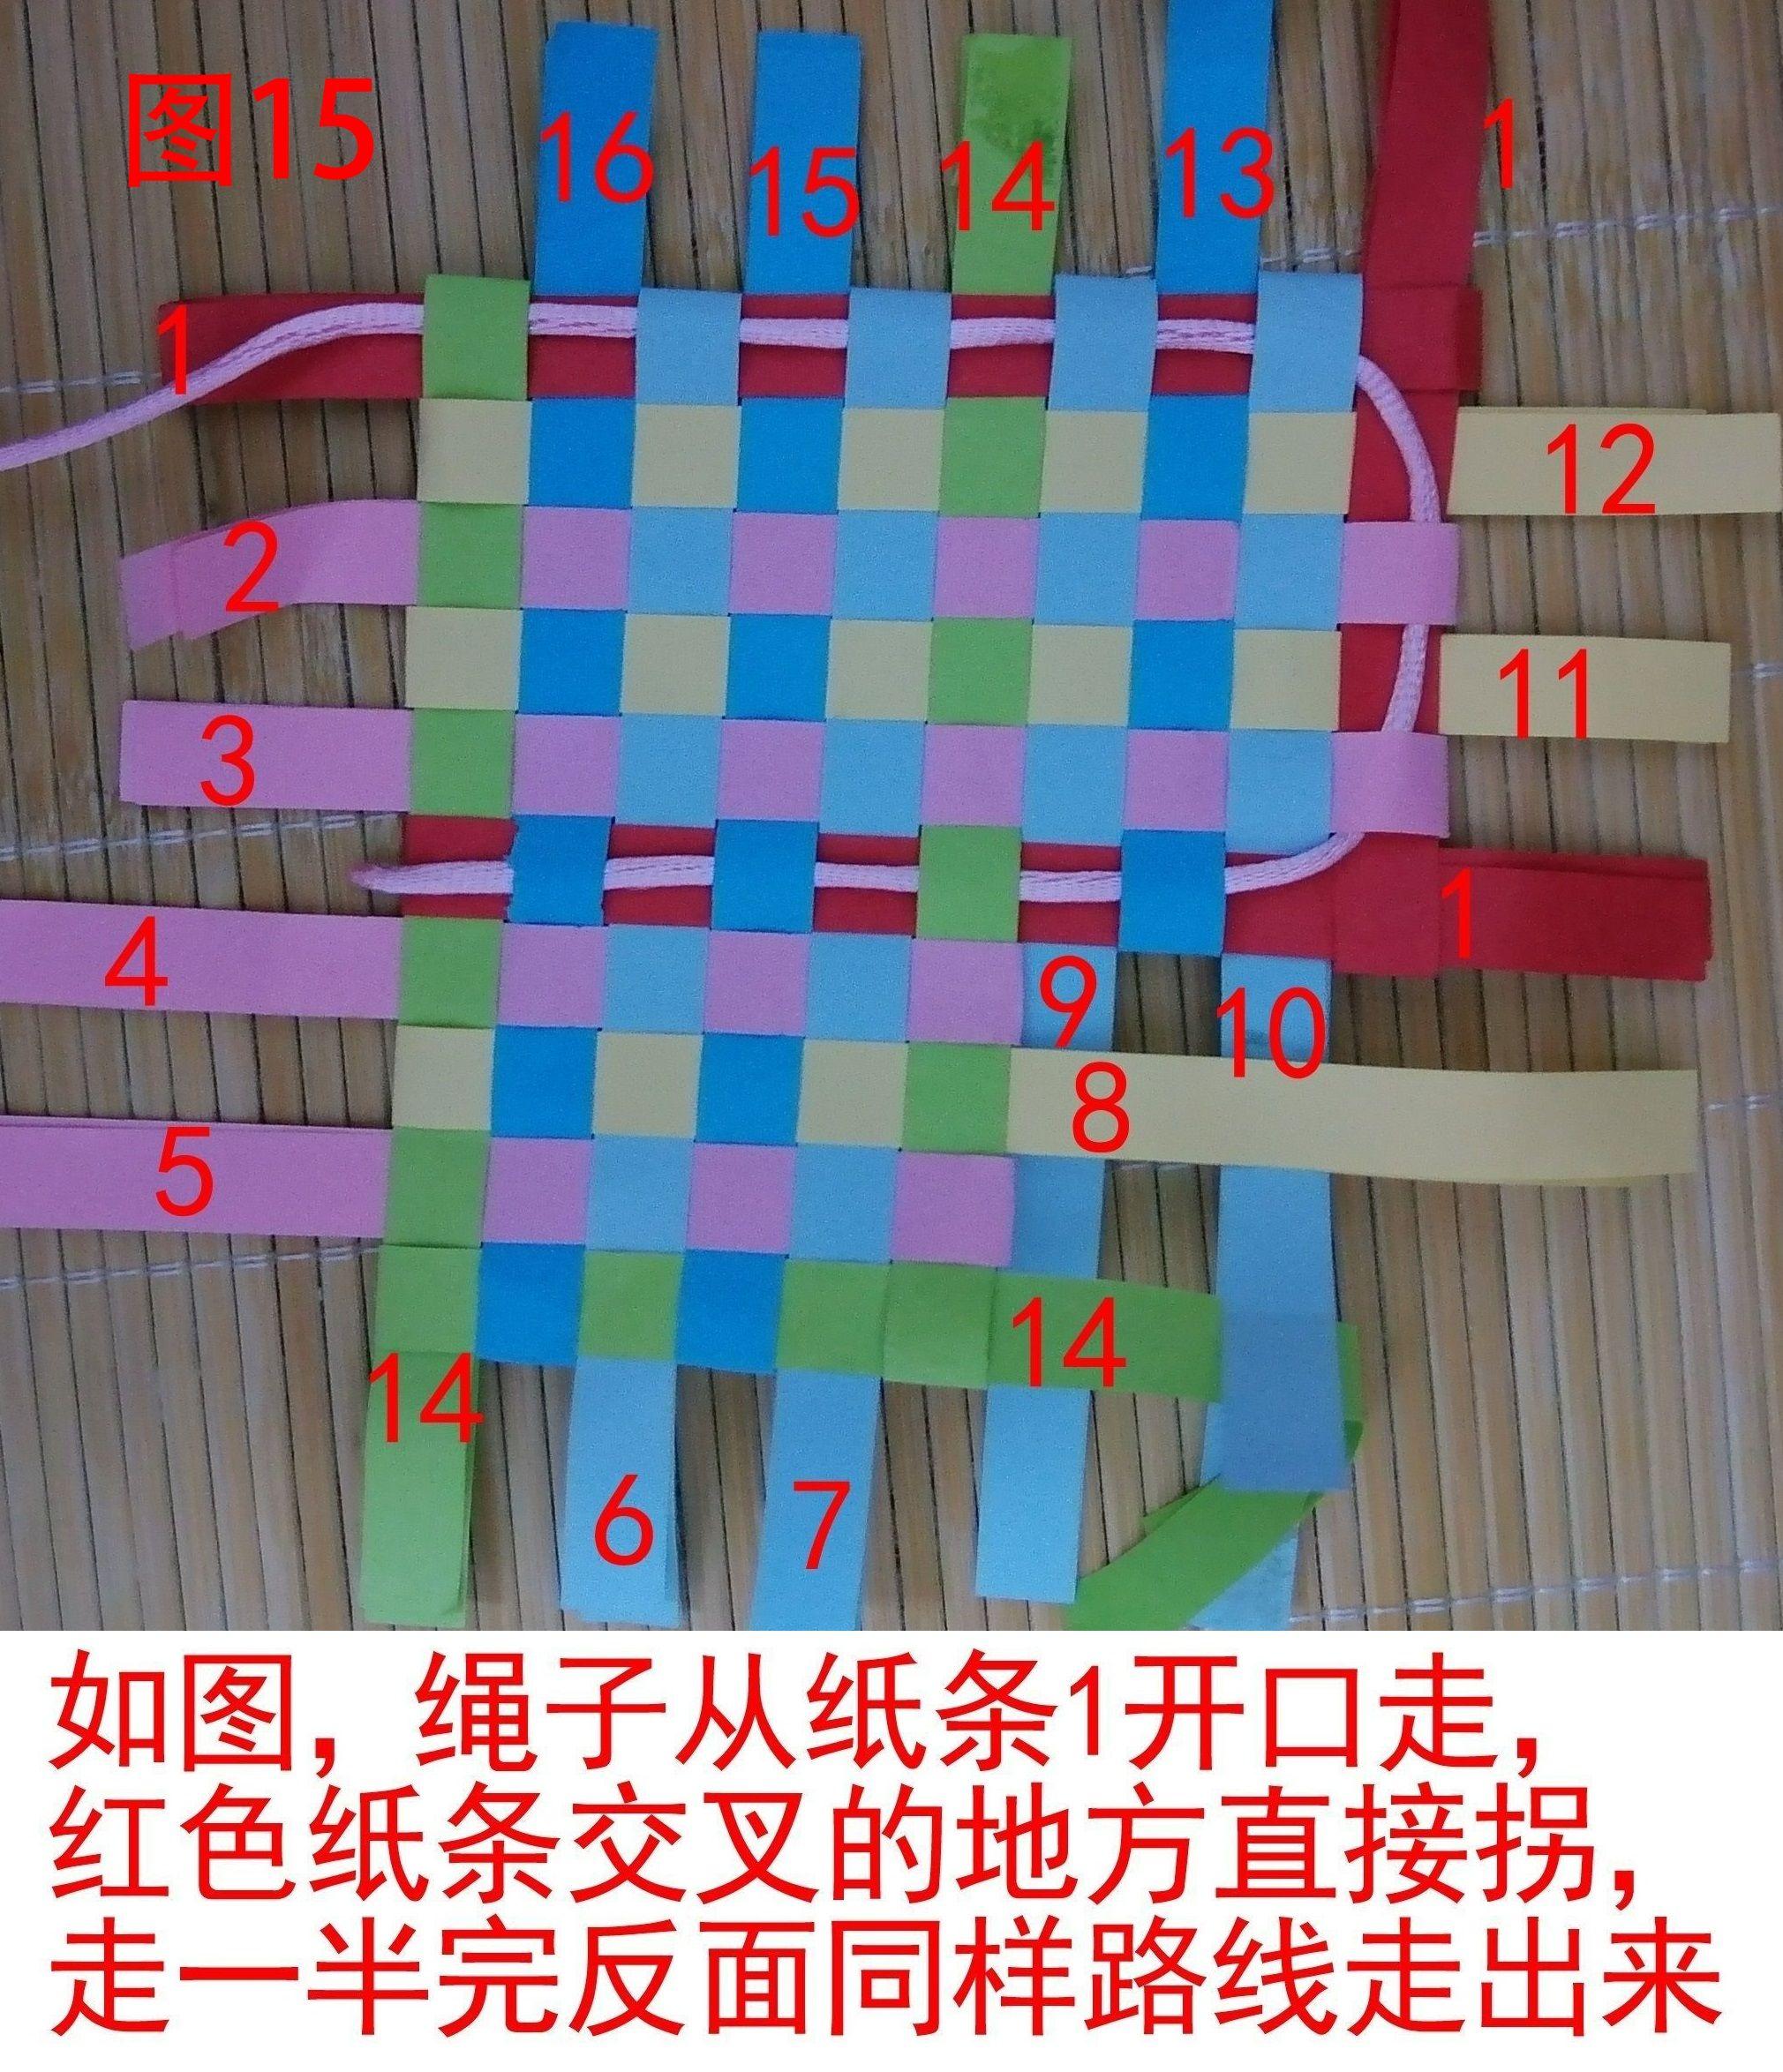 中国结论坛 爱心形状的中国结2(利用纸条编的) 四绳怎么编爱心,心形中国结制作教程,爱心中国结的编法图解,我爱你组成的爱心形状,四根绳子编爱心 基本结-新手入门必看 000709hcyhsuuahaysnacs